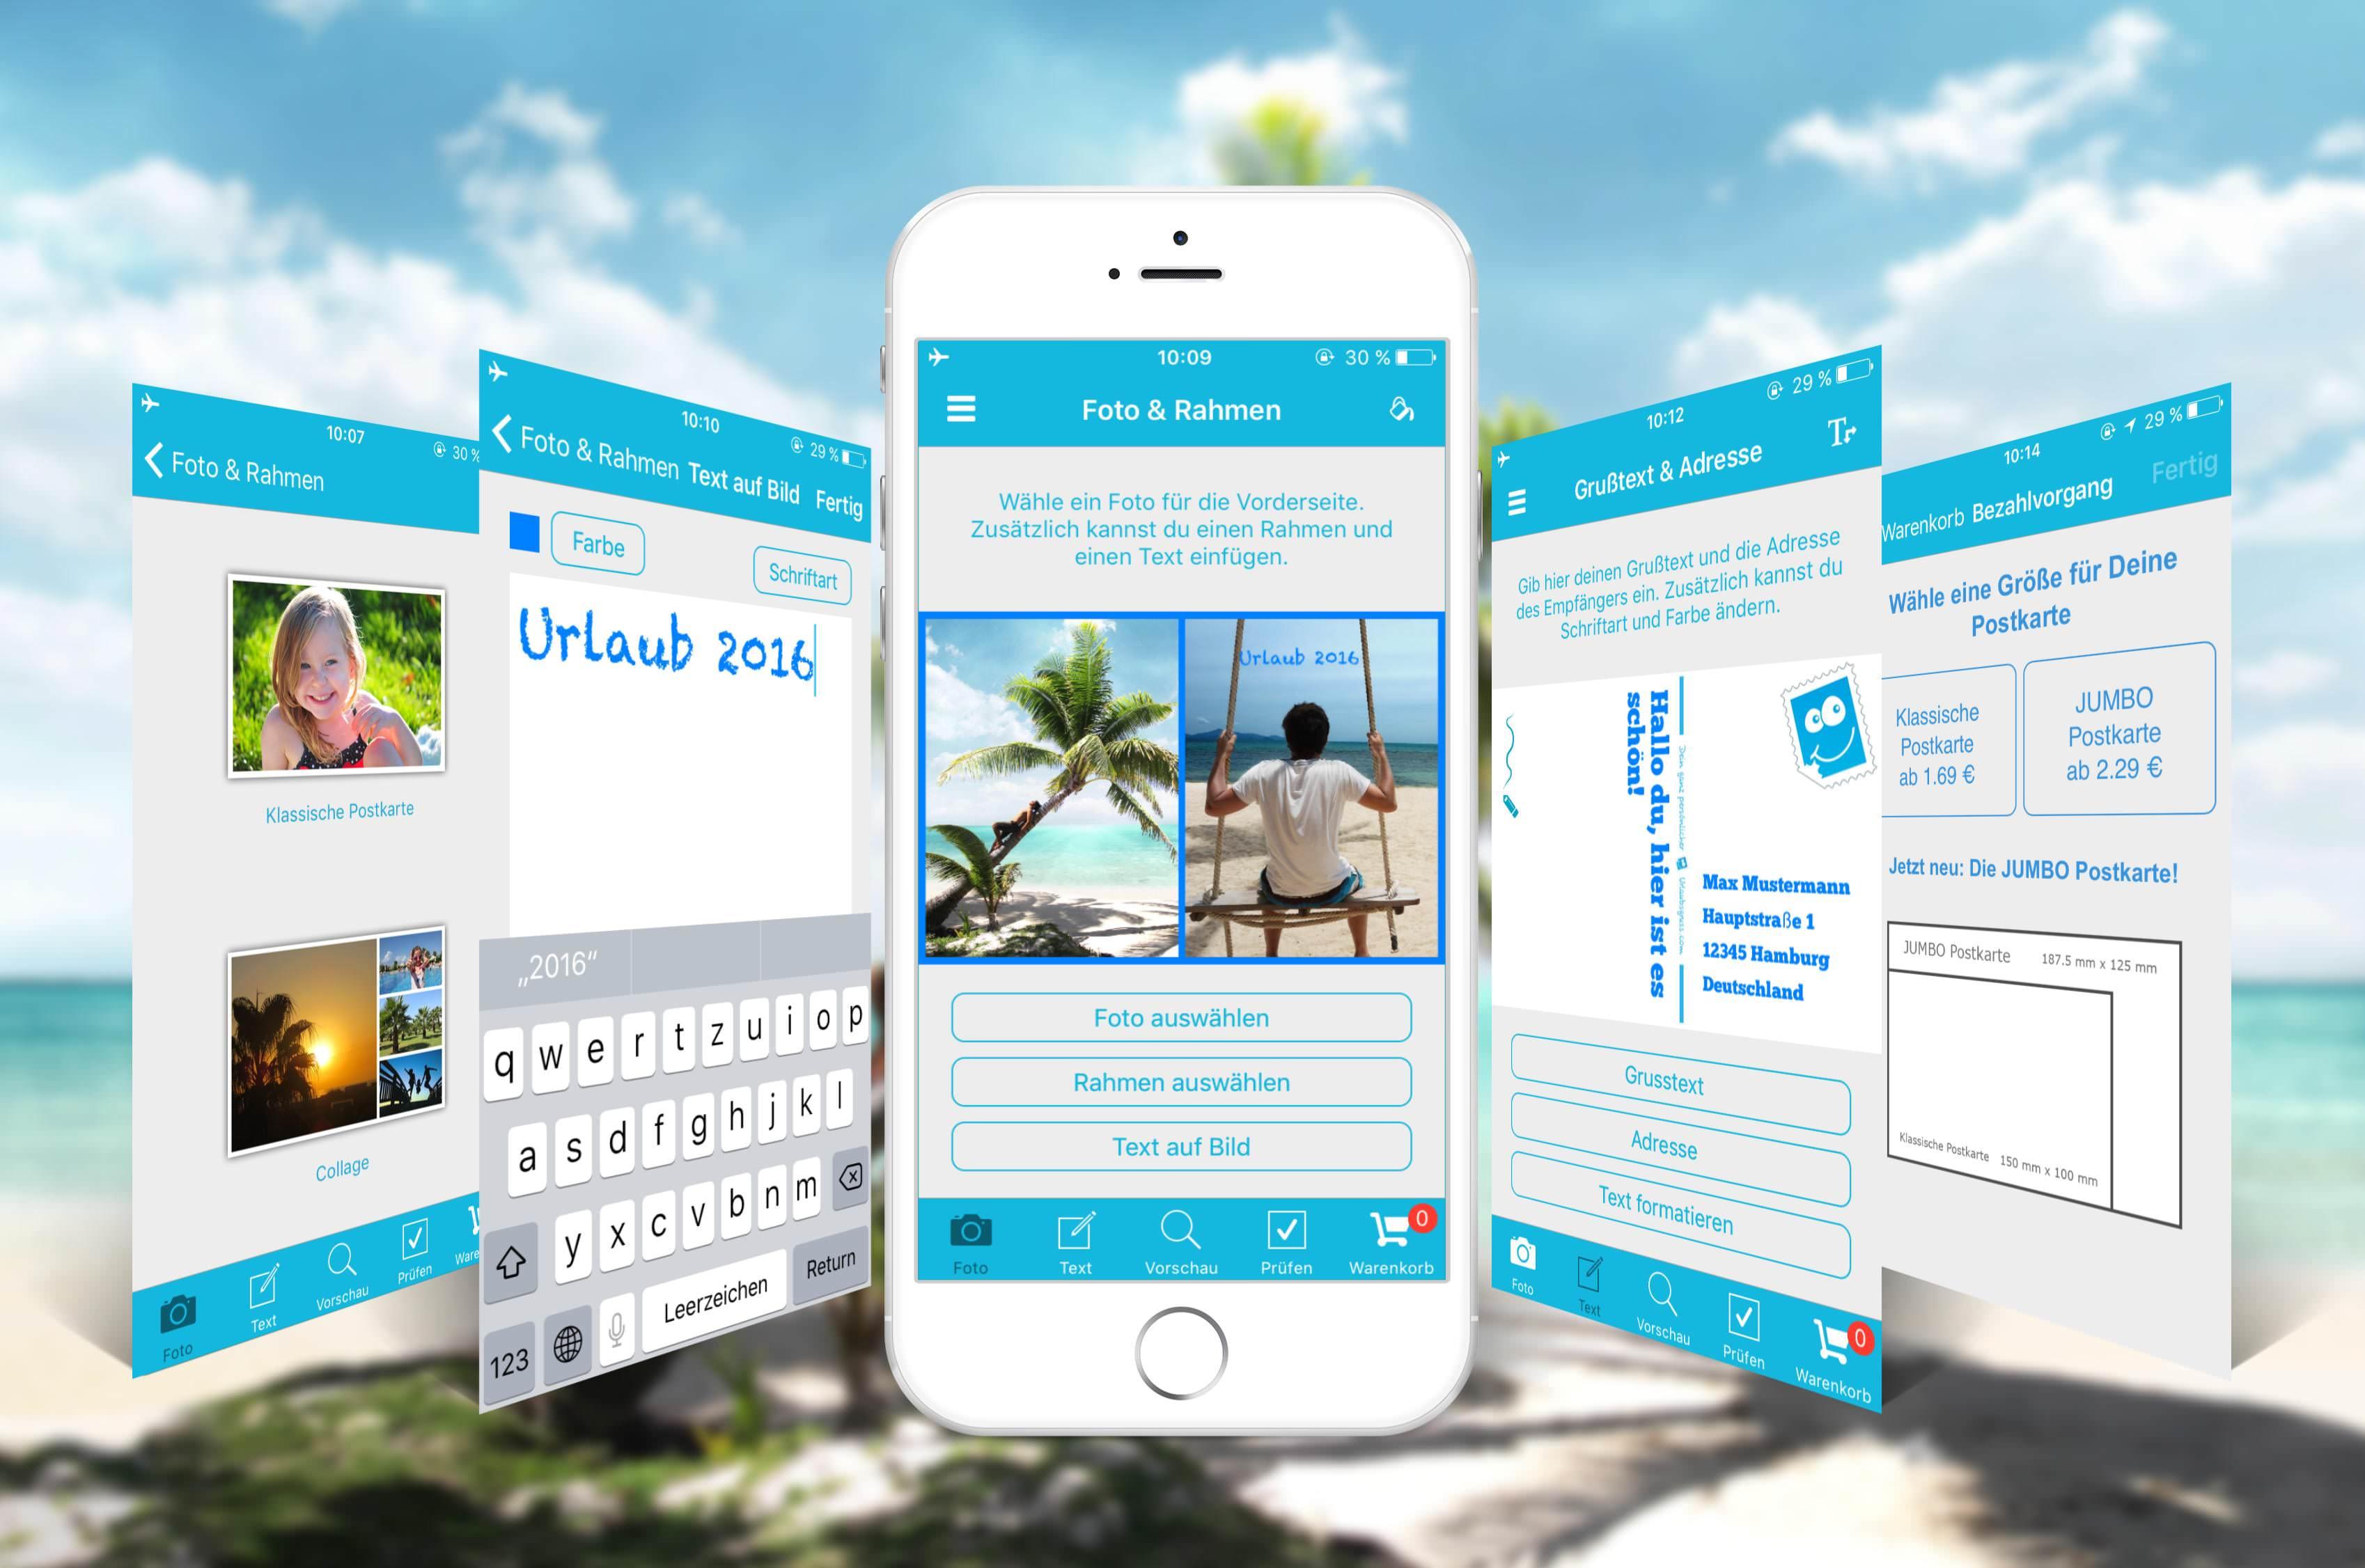 Deine Postkarte per Smartphone verschicken | Ferngeschehen